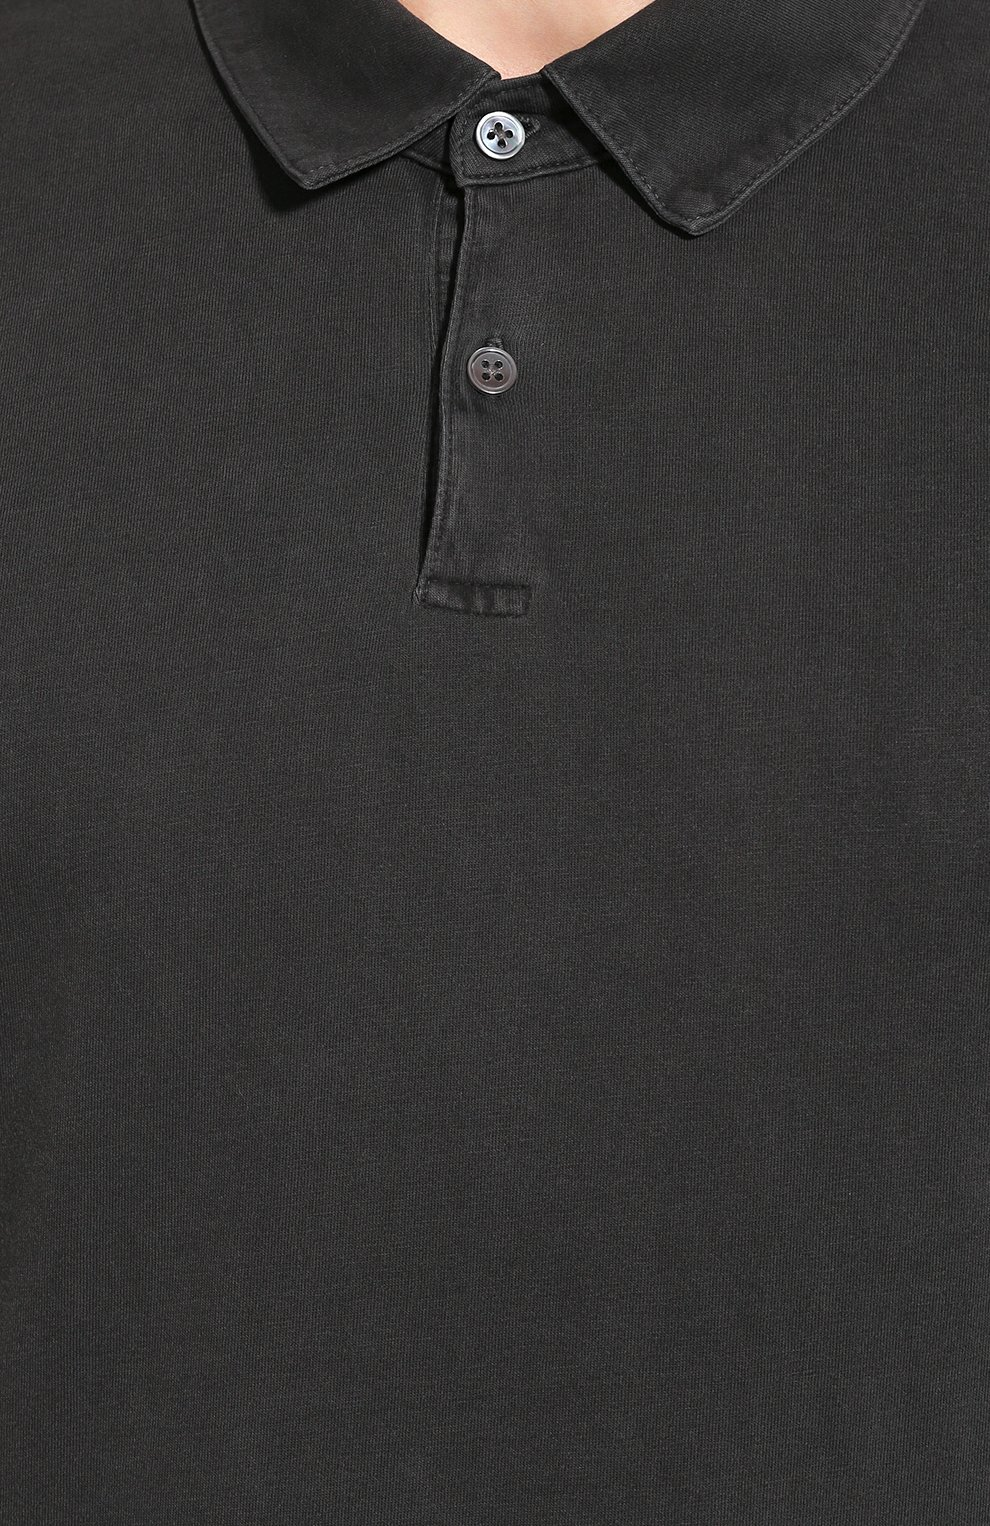 Мужское хлопковое поло JAMES PERSE темно-серого цвета, арт. MSX3337   Фото 5 (Застежка: Пуговицы; Рукава: Короткие; Длина (для топов): Удлиненные; Материал внешний: Хлопок; Статус проверки: Проверено, Проверена категория)